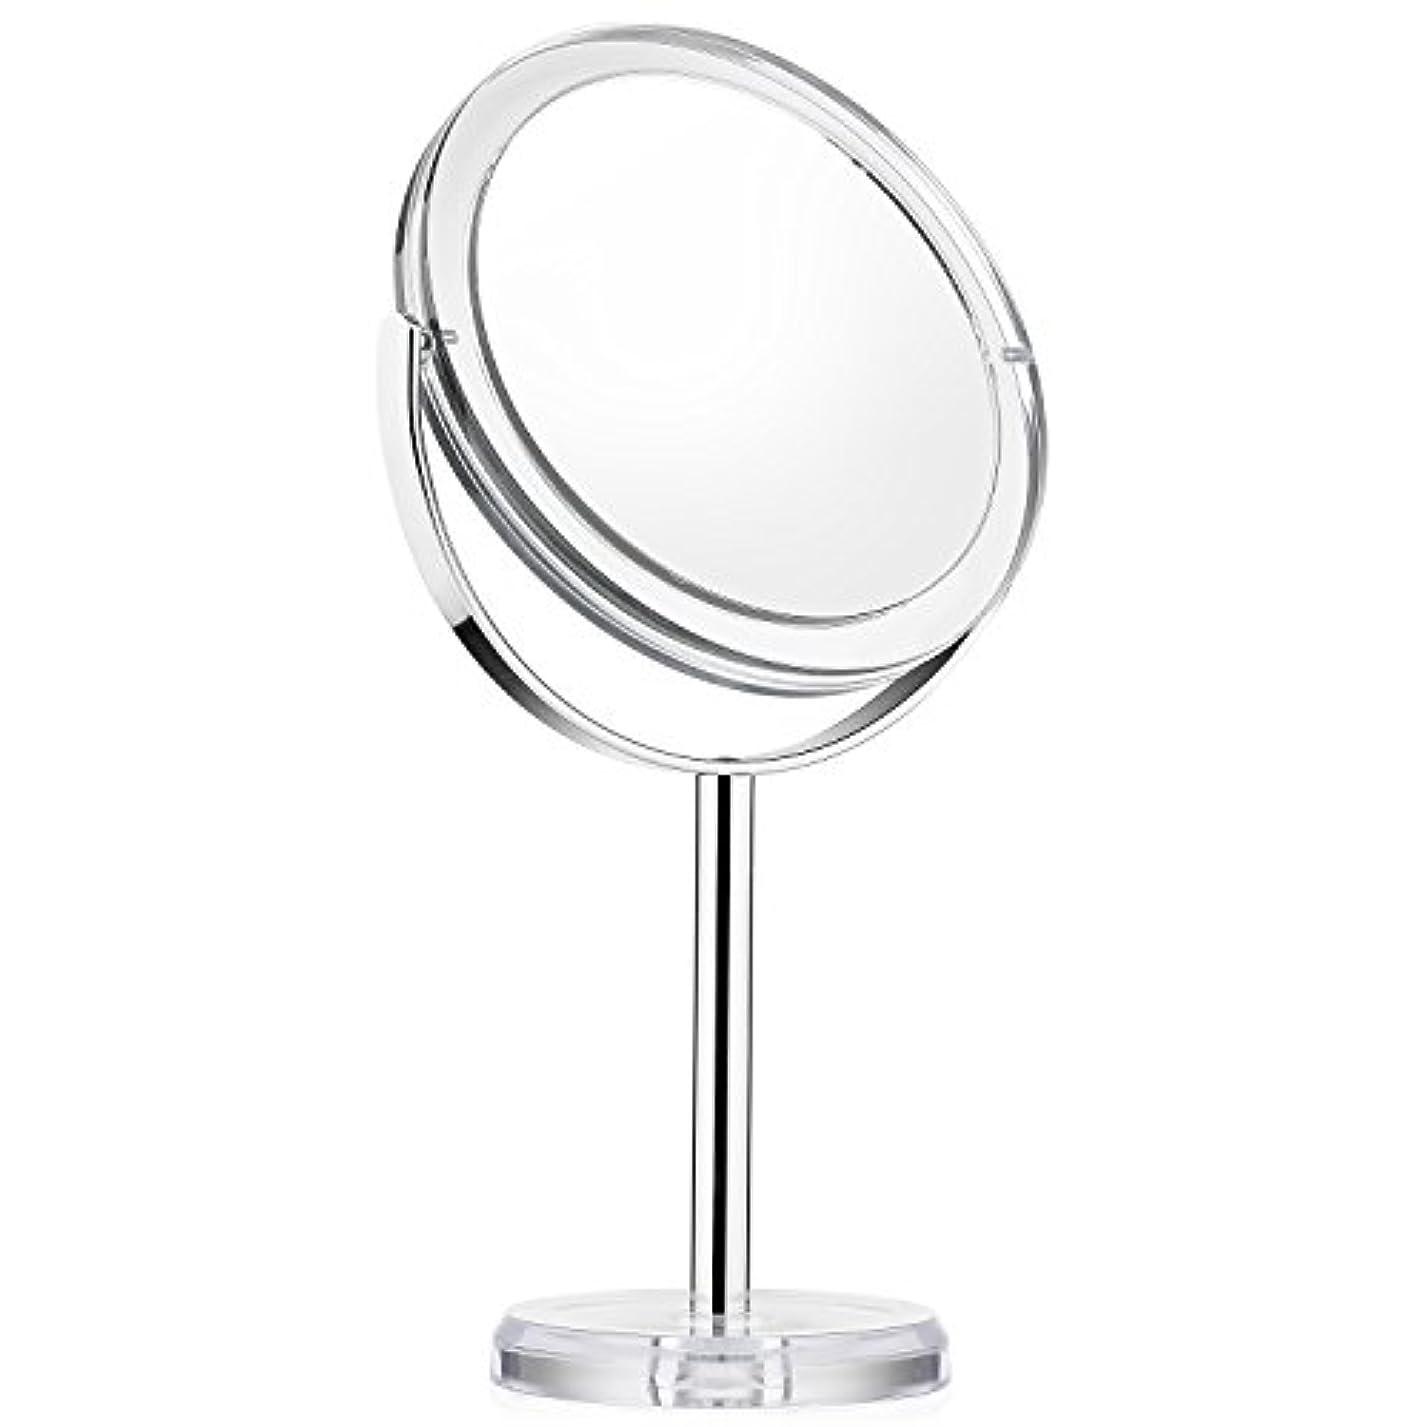 講師苛性ラフト化粧ミラー Beautifive 鏡 卓上 化粧鏡 メイクミラー 卓上ミラー スタンドミラー卓上 等倍卓上両面鏡 卓上鏡 7倍拡大スタンドミラー 360°回転可 光学レズン高解像度